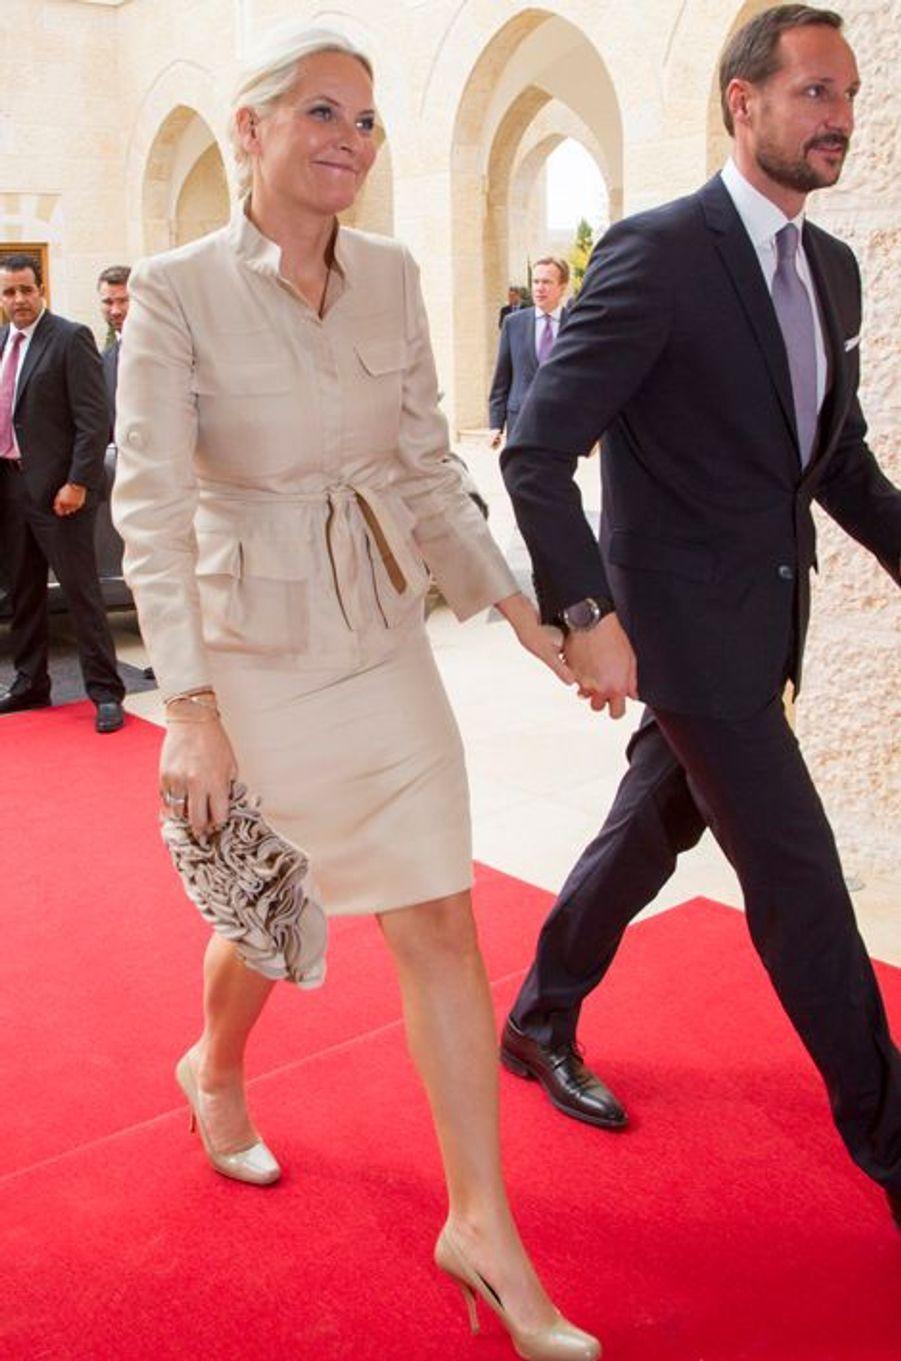 Mette-Marit et Haakon de Norvège sont reçus en audience par le roi de Jordanie Abdallah II au palais royal à Amman, le 22 octobre 2014